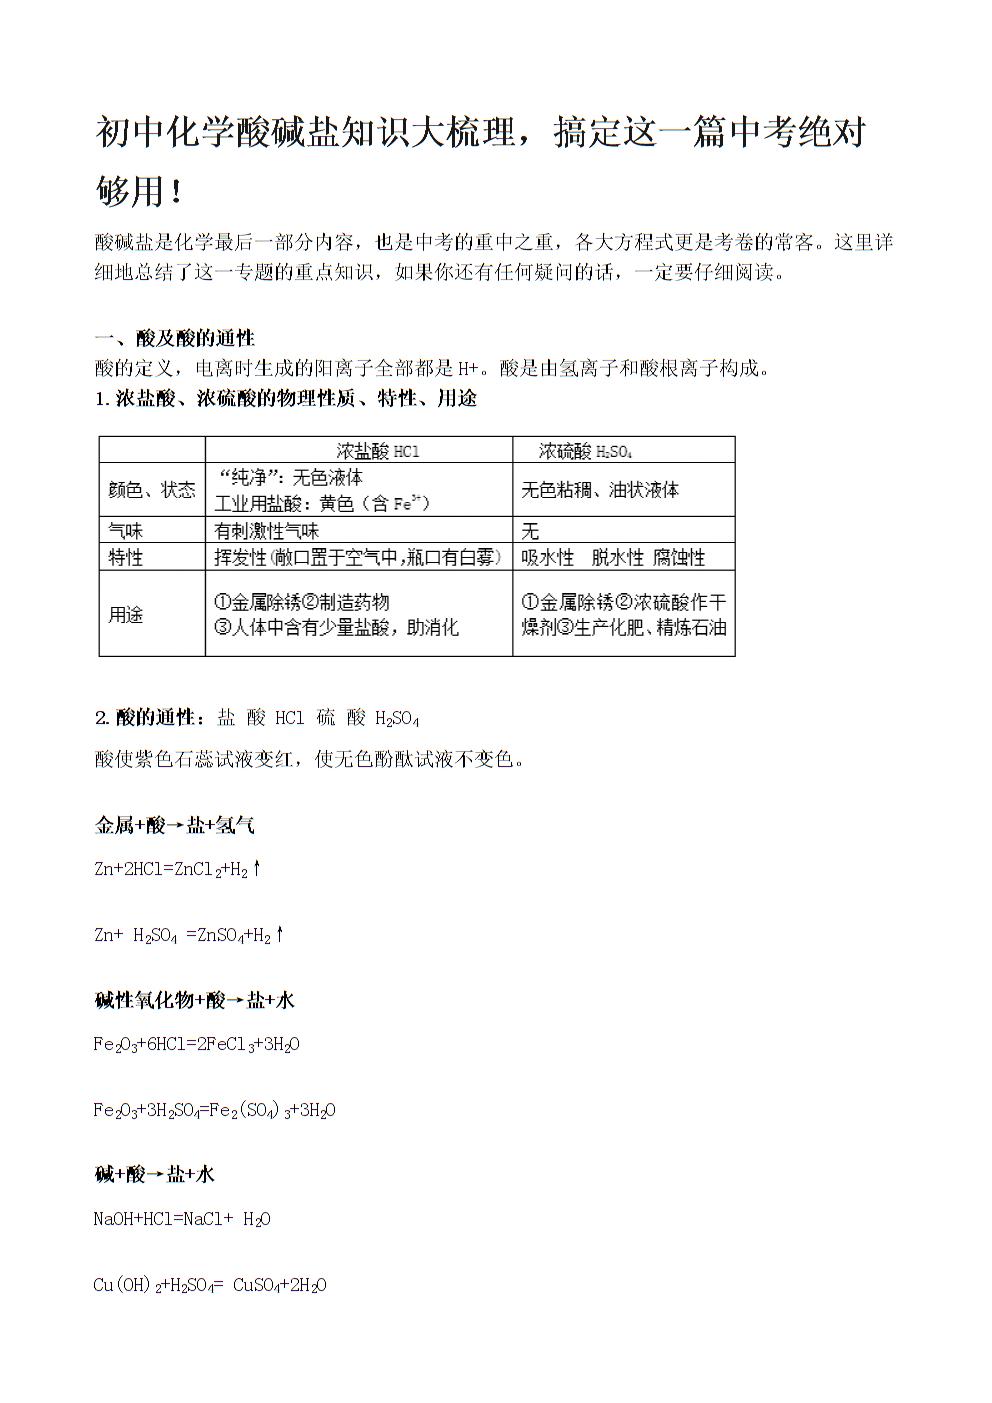 初中知识酸碱盐初中大梳理.doc安字册文言文全化学图片